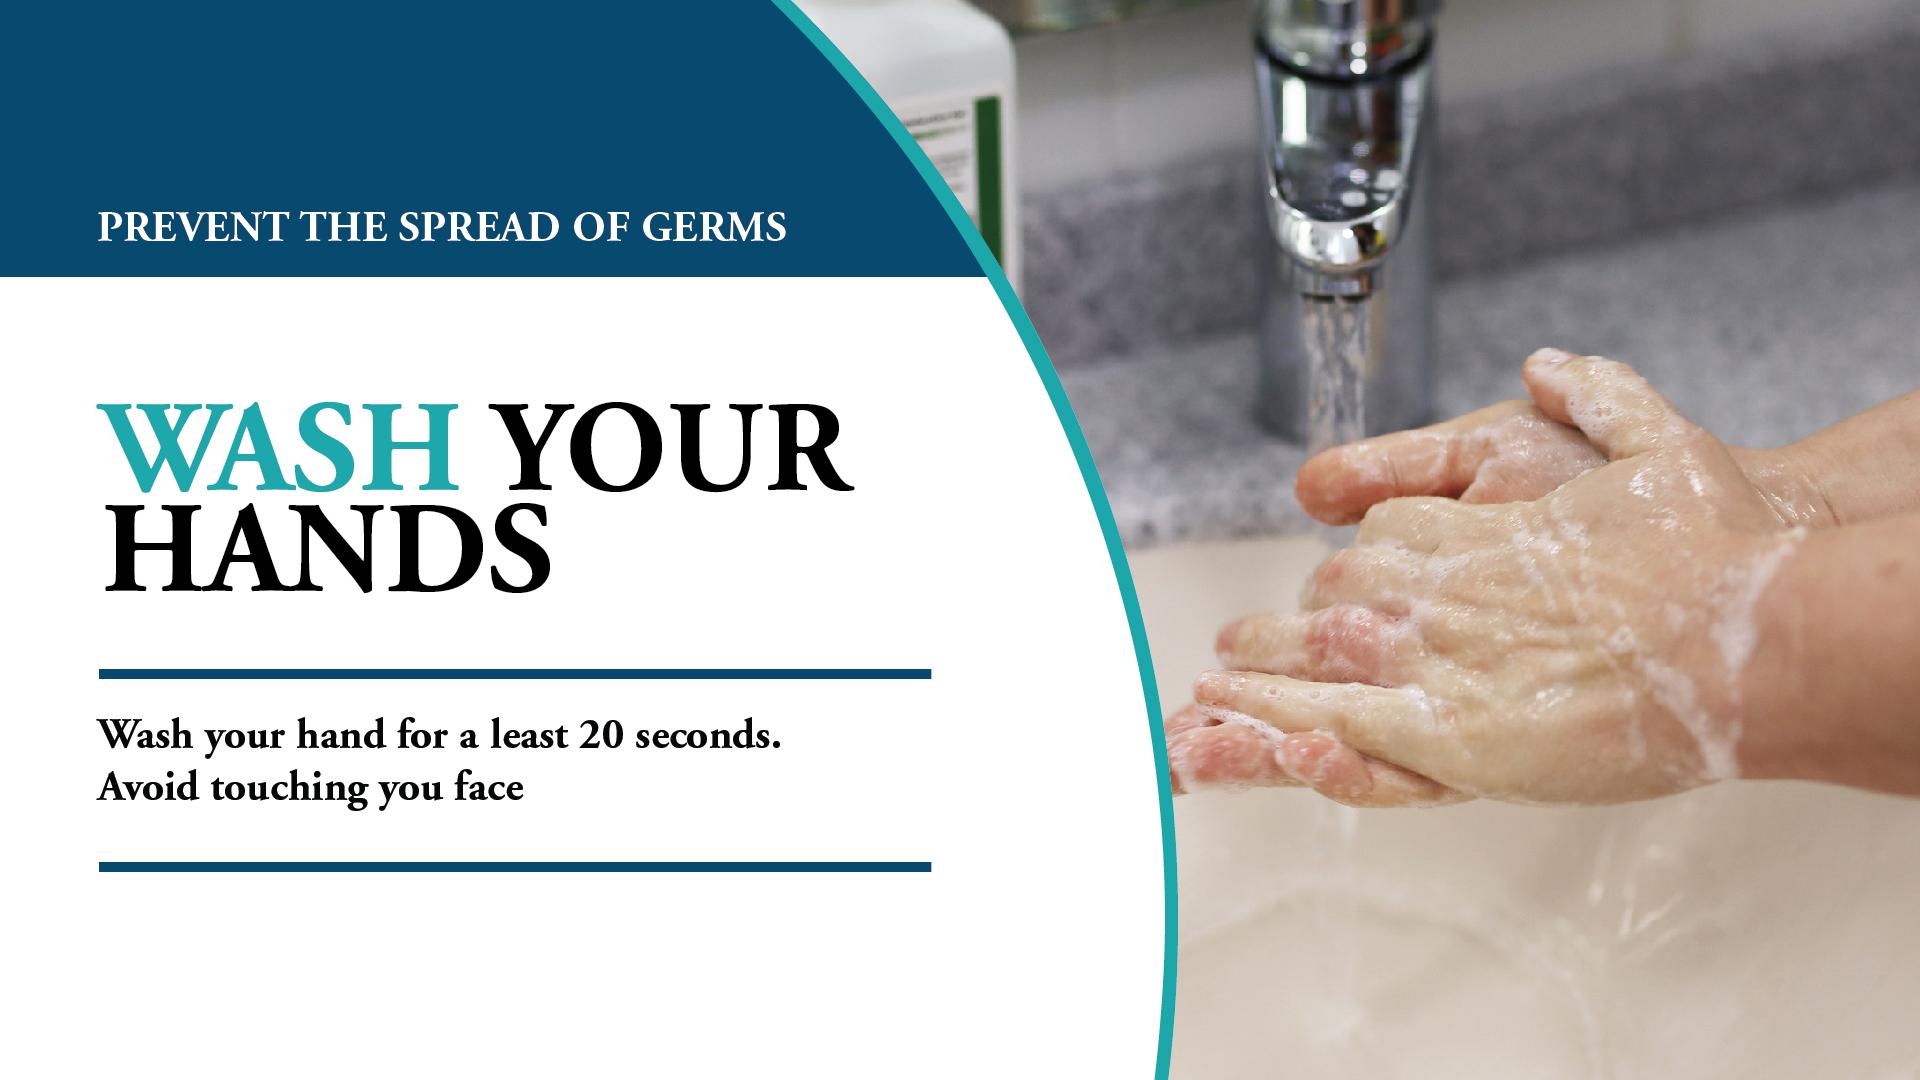 Wash Your Hands Digital Signage Image